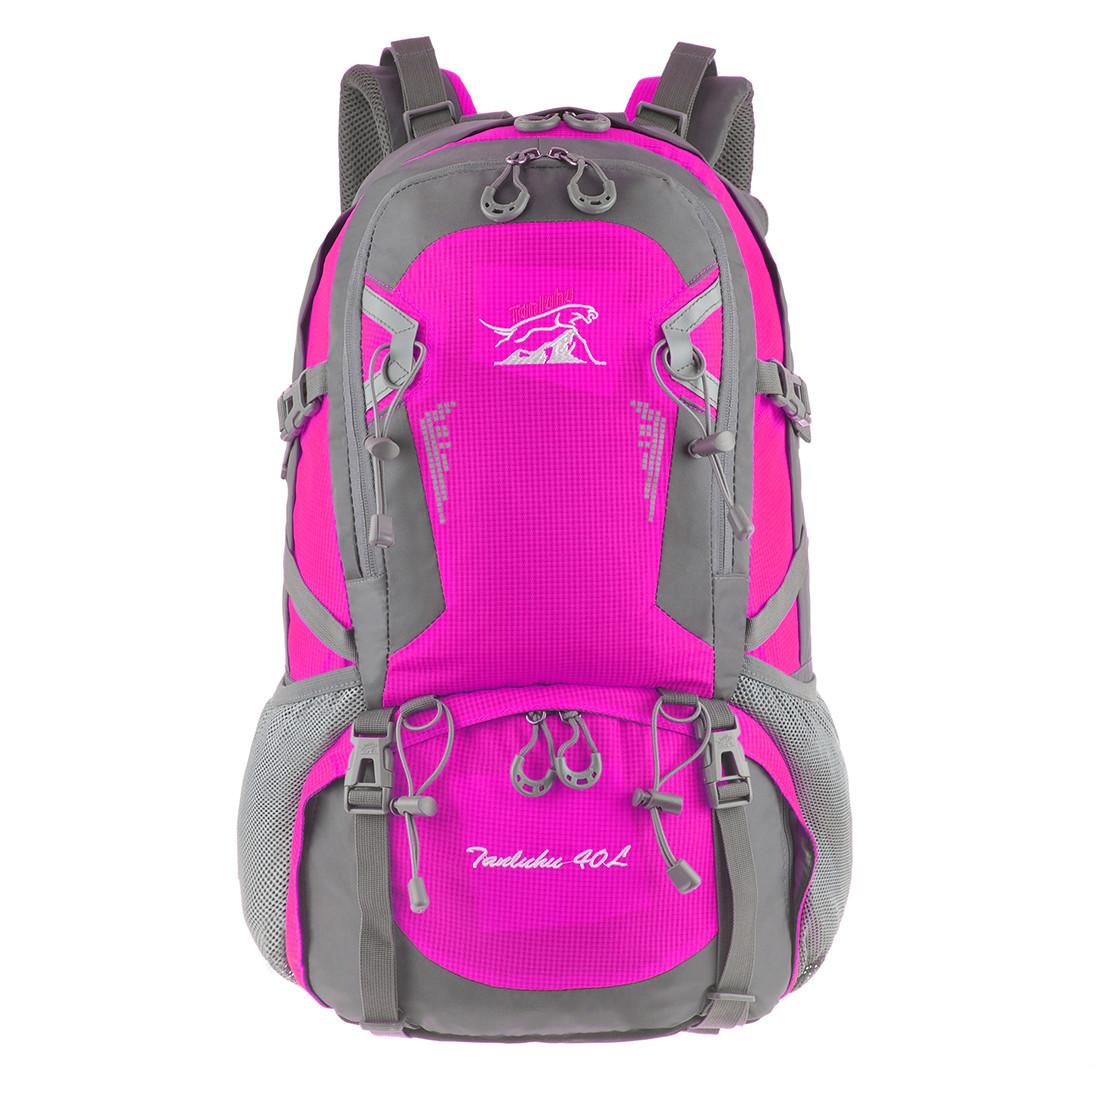 Рюкзак туристический TANLUHU 50х32х22 розовый 40л Polyester Oxford Rip Stop PU 600D/1600D   кс631роз